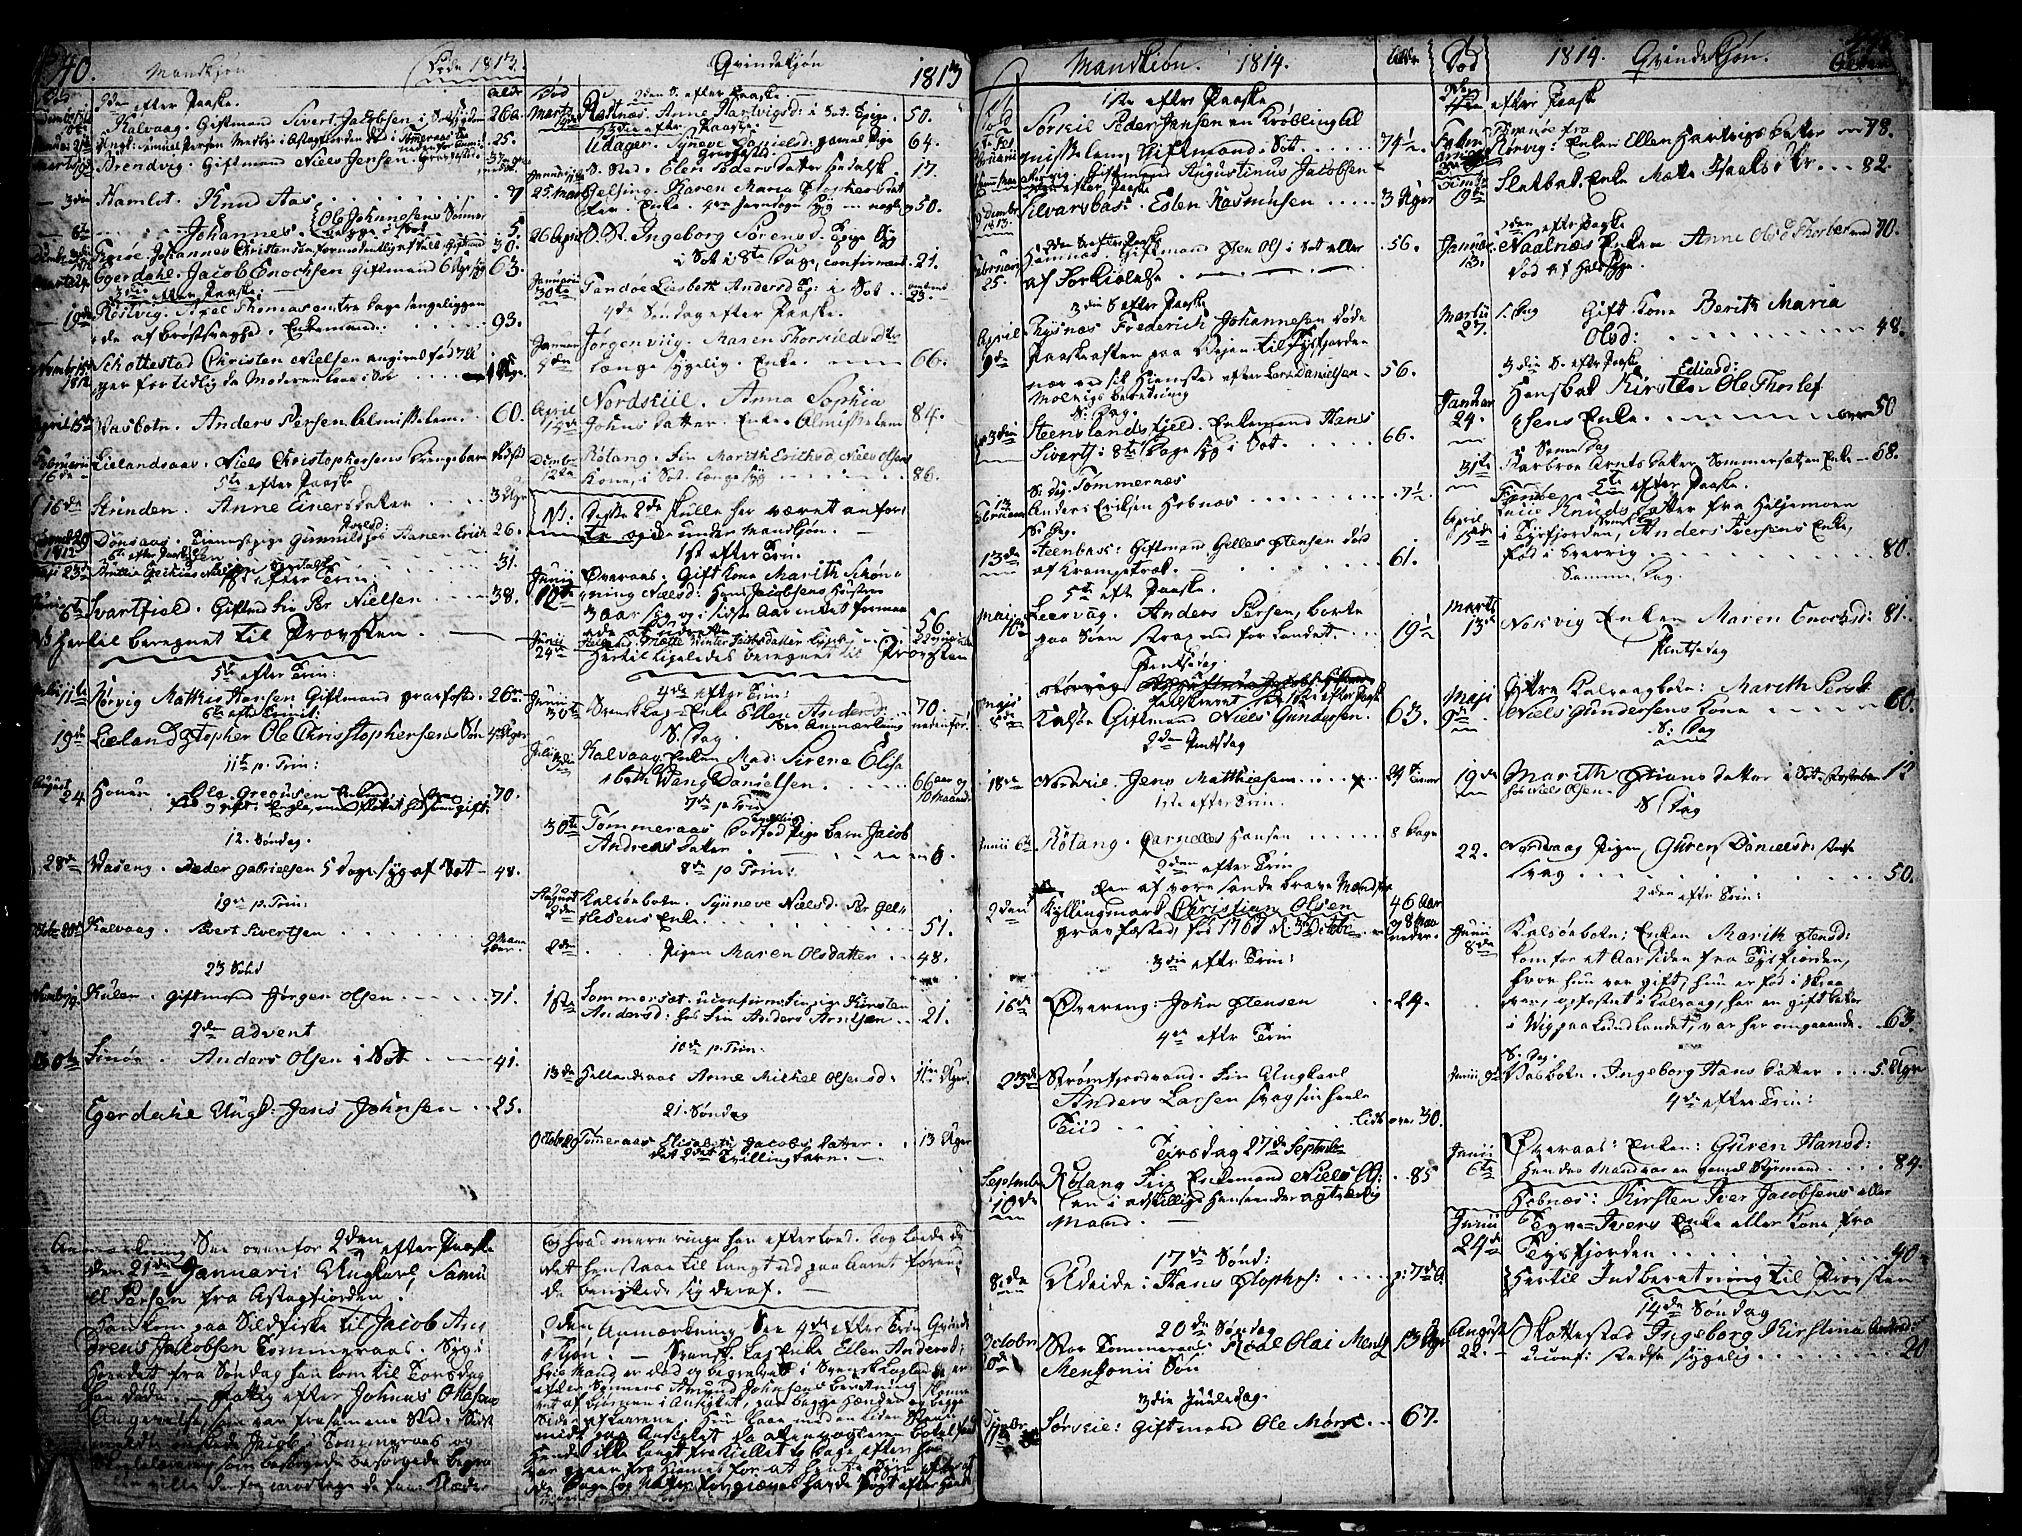 SAT, Ministerialprotokoller, klokkerbøker og fødselsregistre - Nordland, 859/L0841: Parish register (official) no. 859A01, 1766-1821, p. 440-441